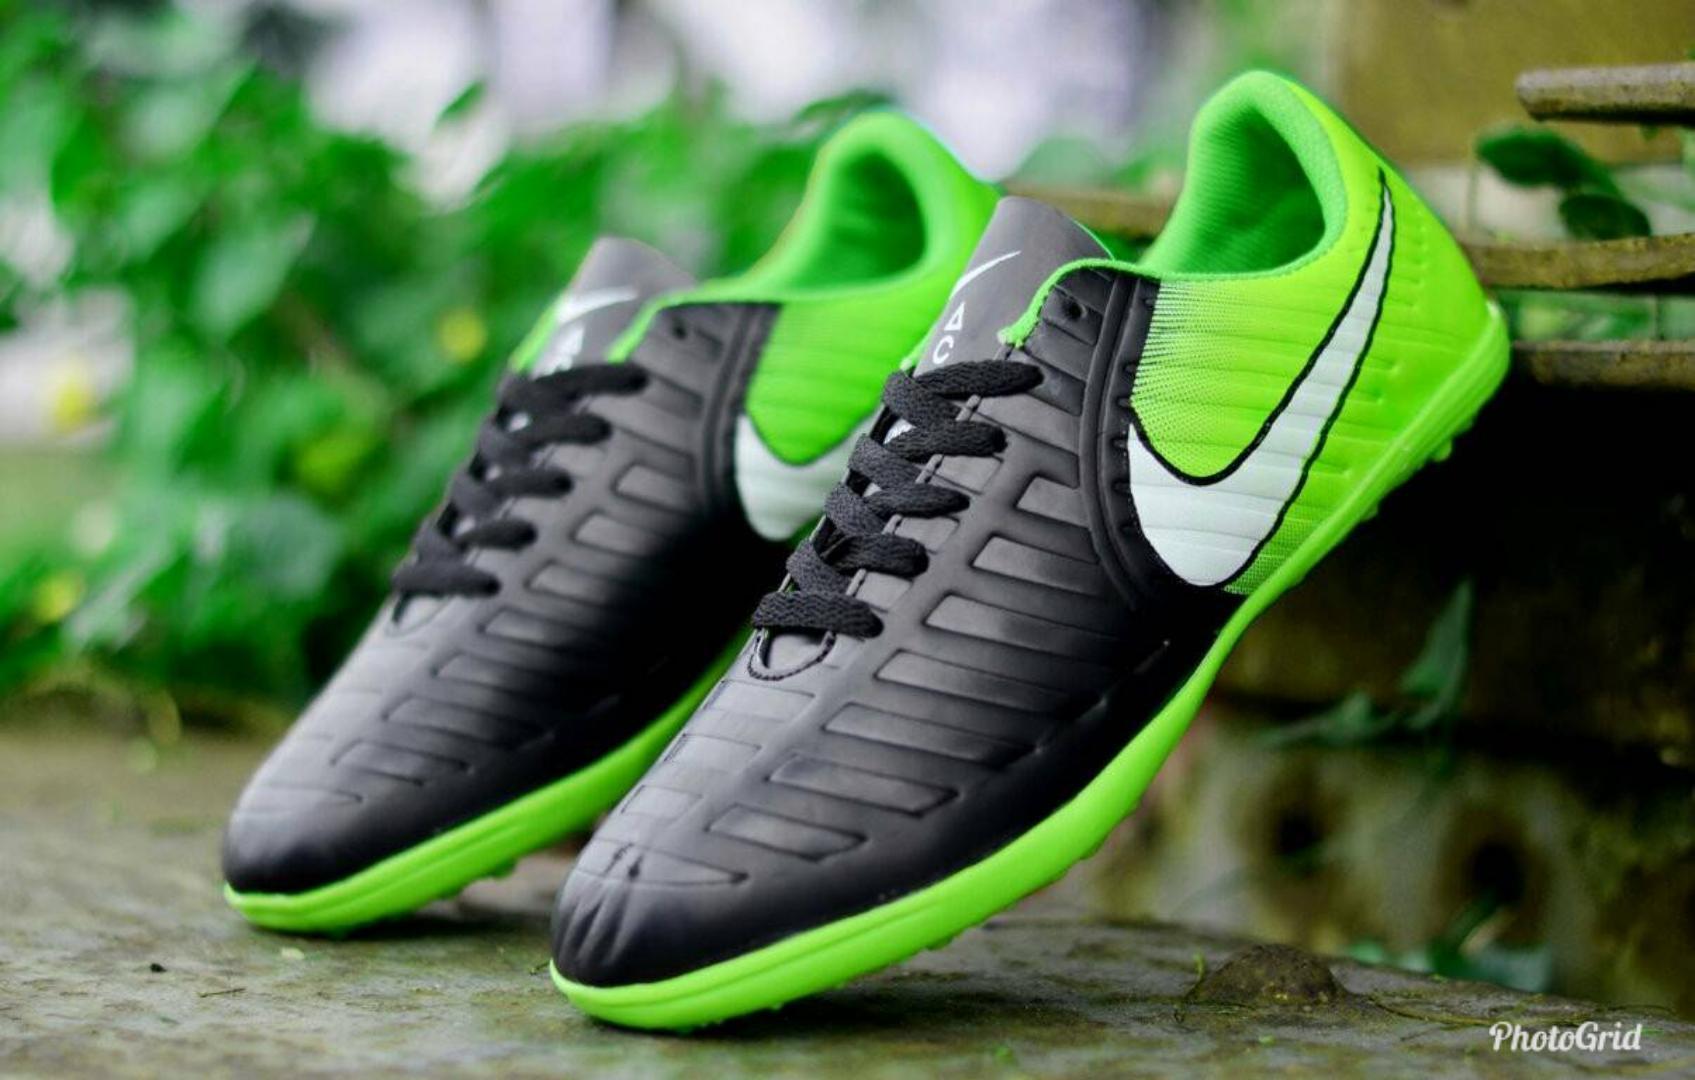 Daftar Harga Sepatu Futsal Nike Murah November 2018 Id Cost Mizuno  Ber Kualitas Olahraga Pria Anak Dewasa Berkualitas Model Terbaru